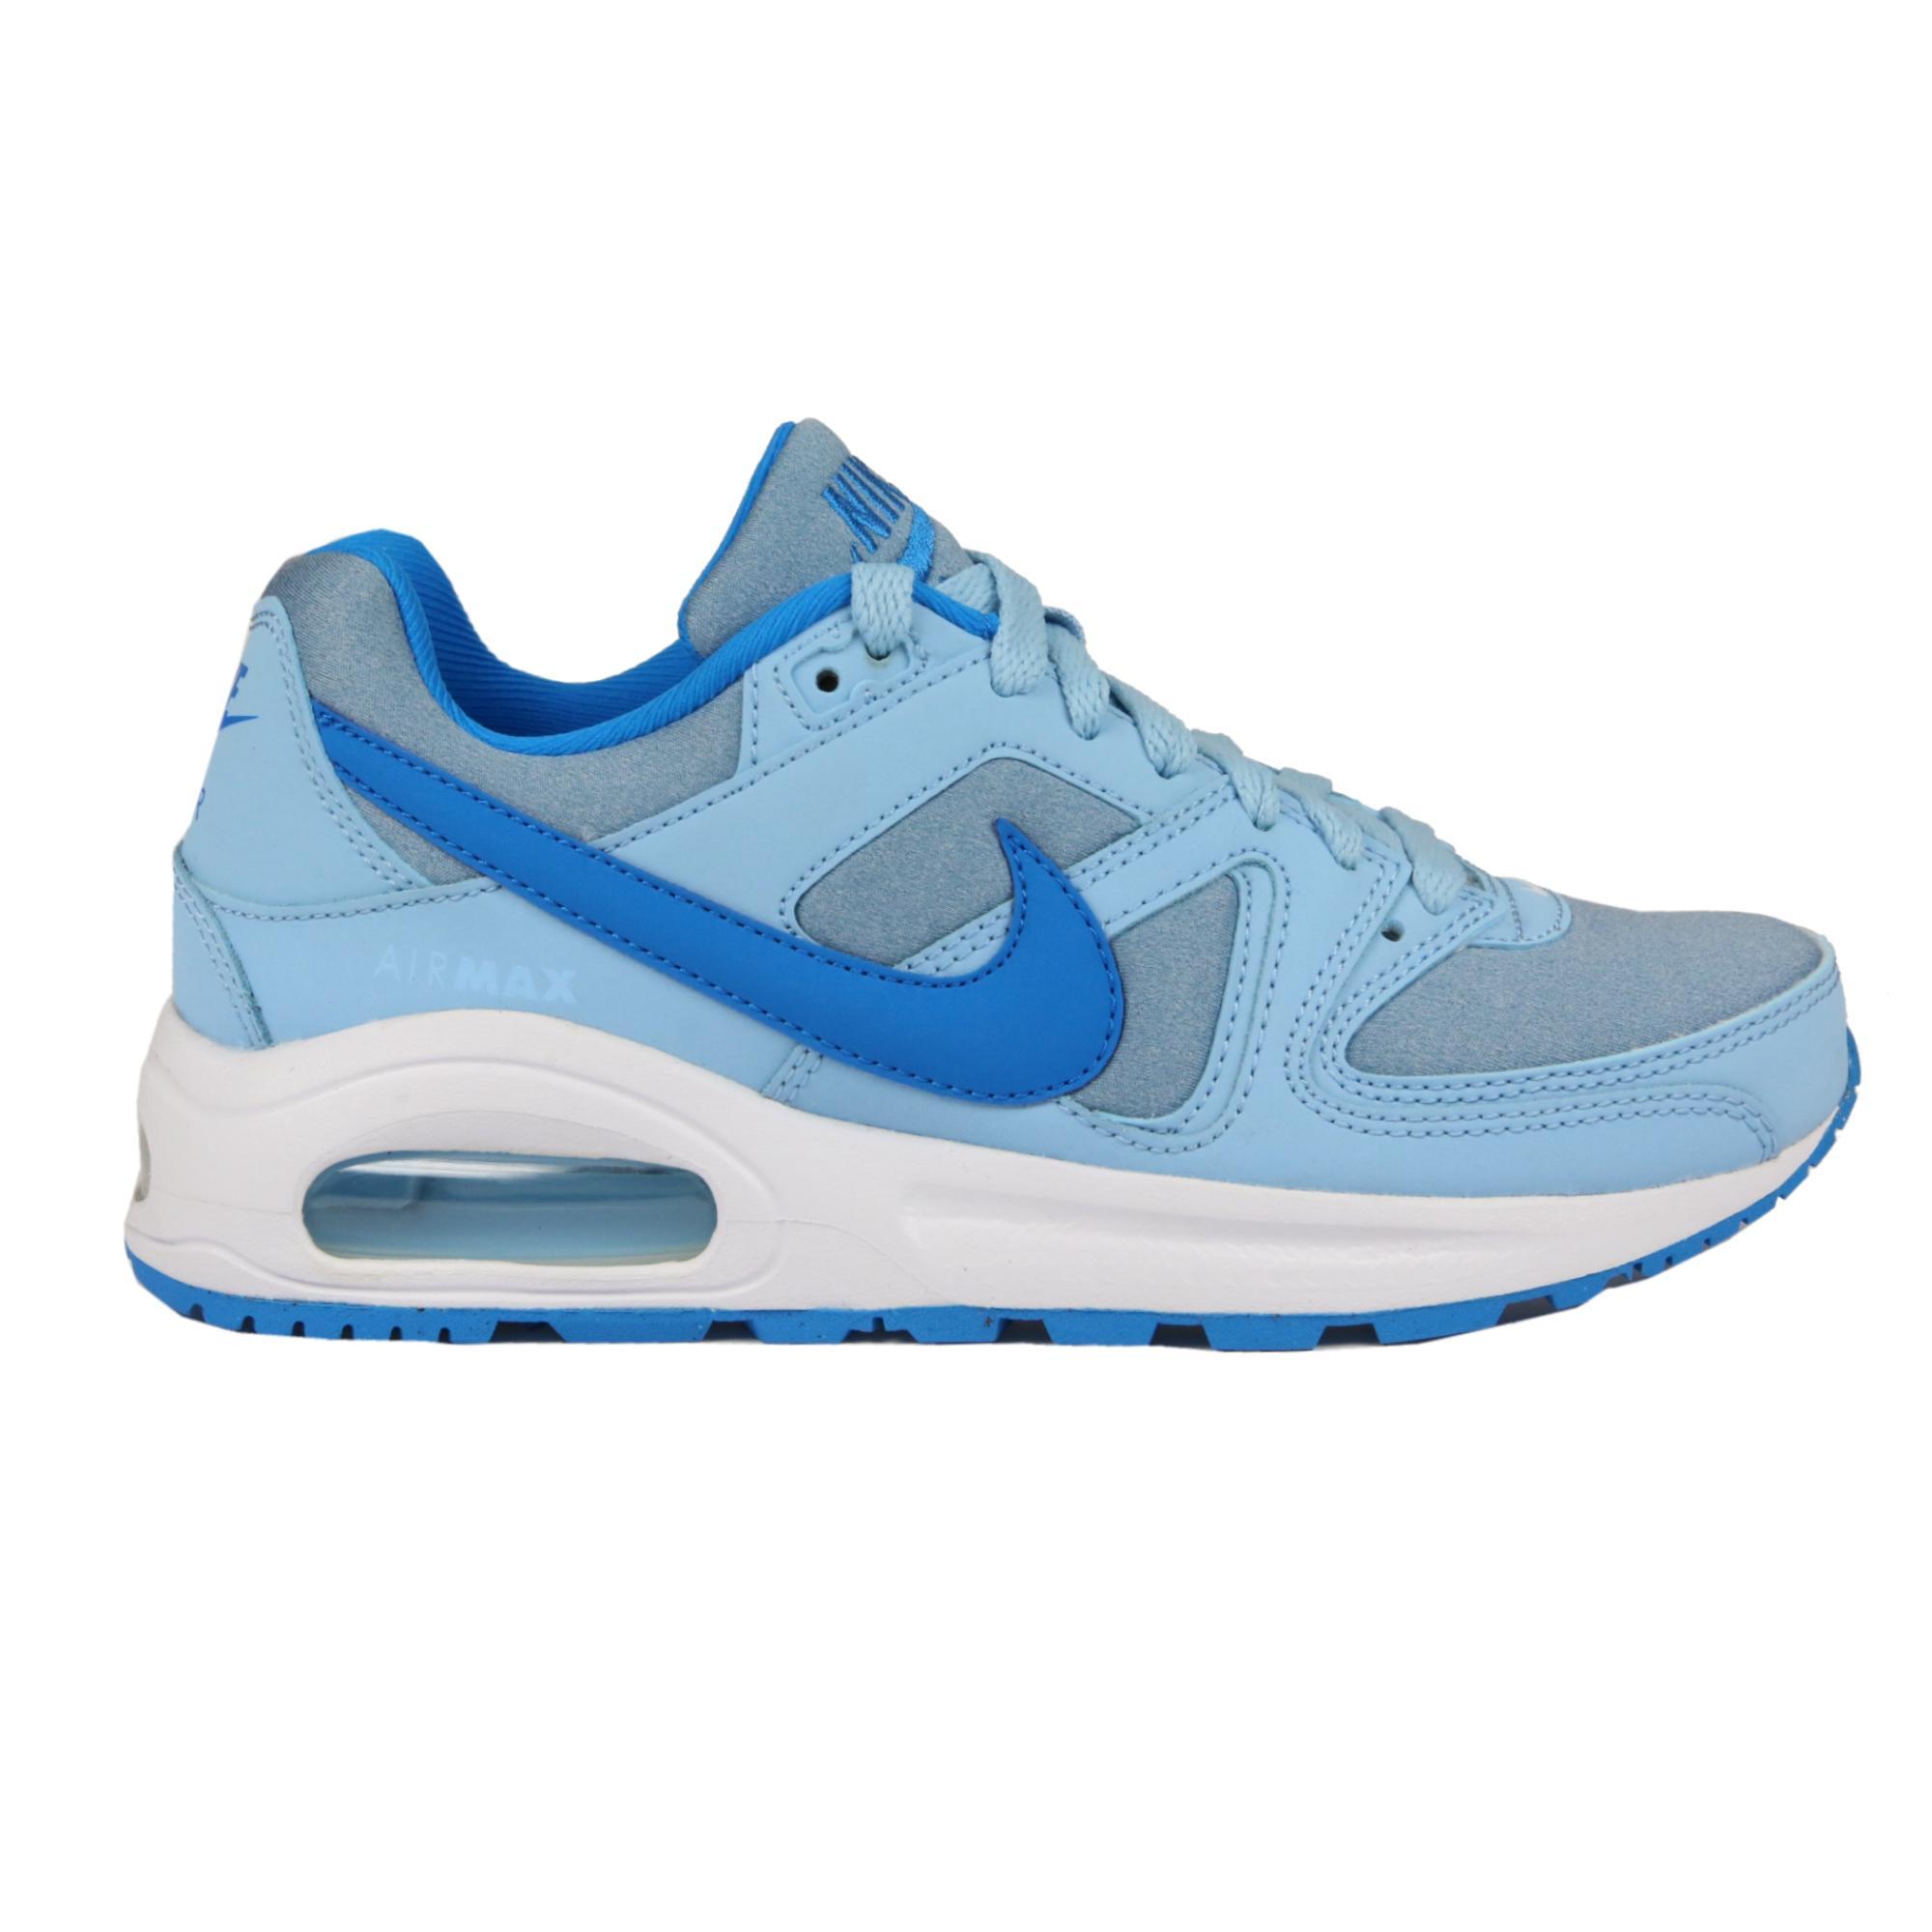 Nike-Air-Max-Command-Flex-GS-Schuhe-Turnschuhe-Sneaker-Jungen-Maedchen-Damen